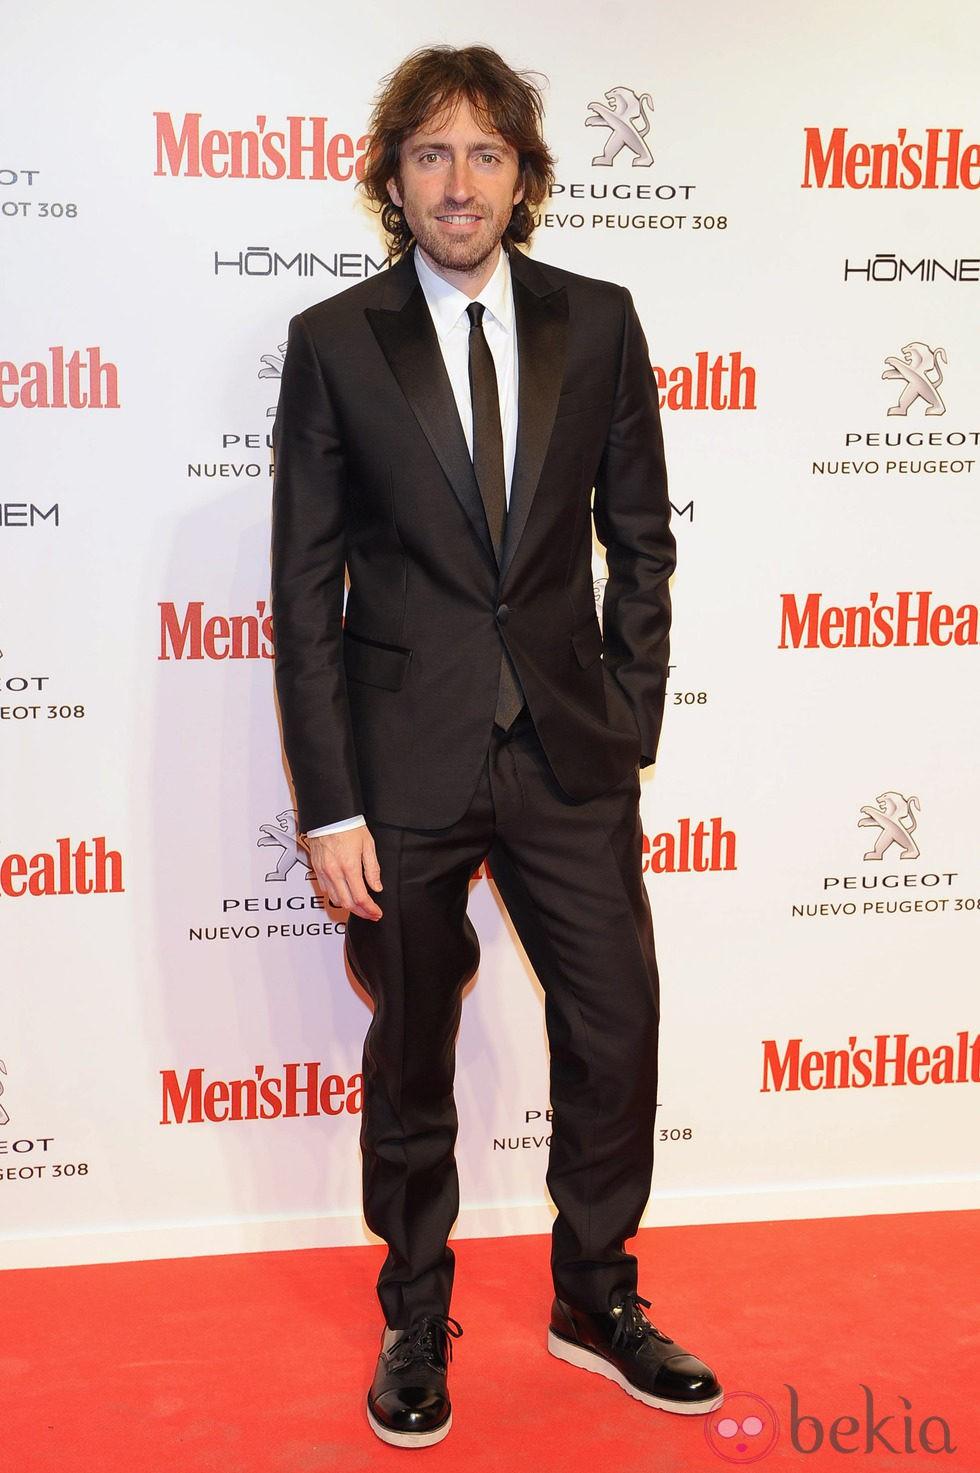 Daniel Sanchez Arévalo en los Premios Men's Health Hombres del Año 2013